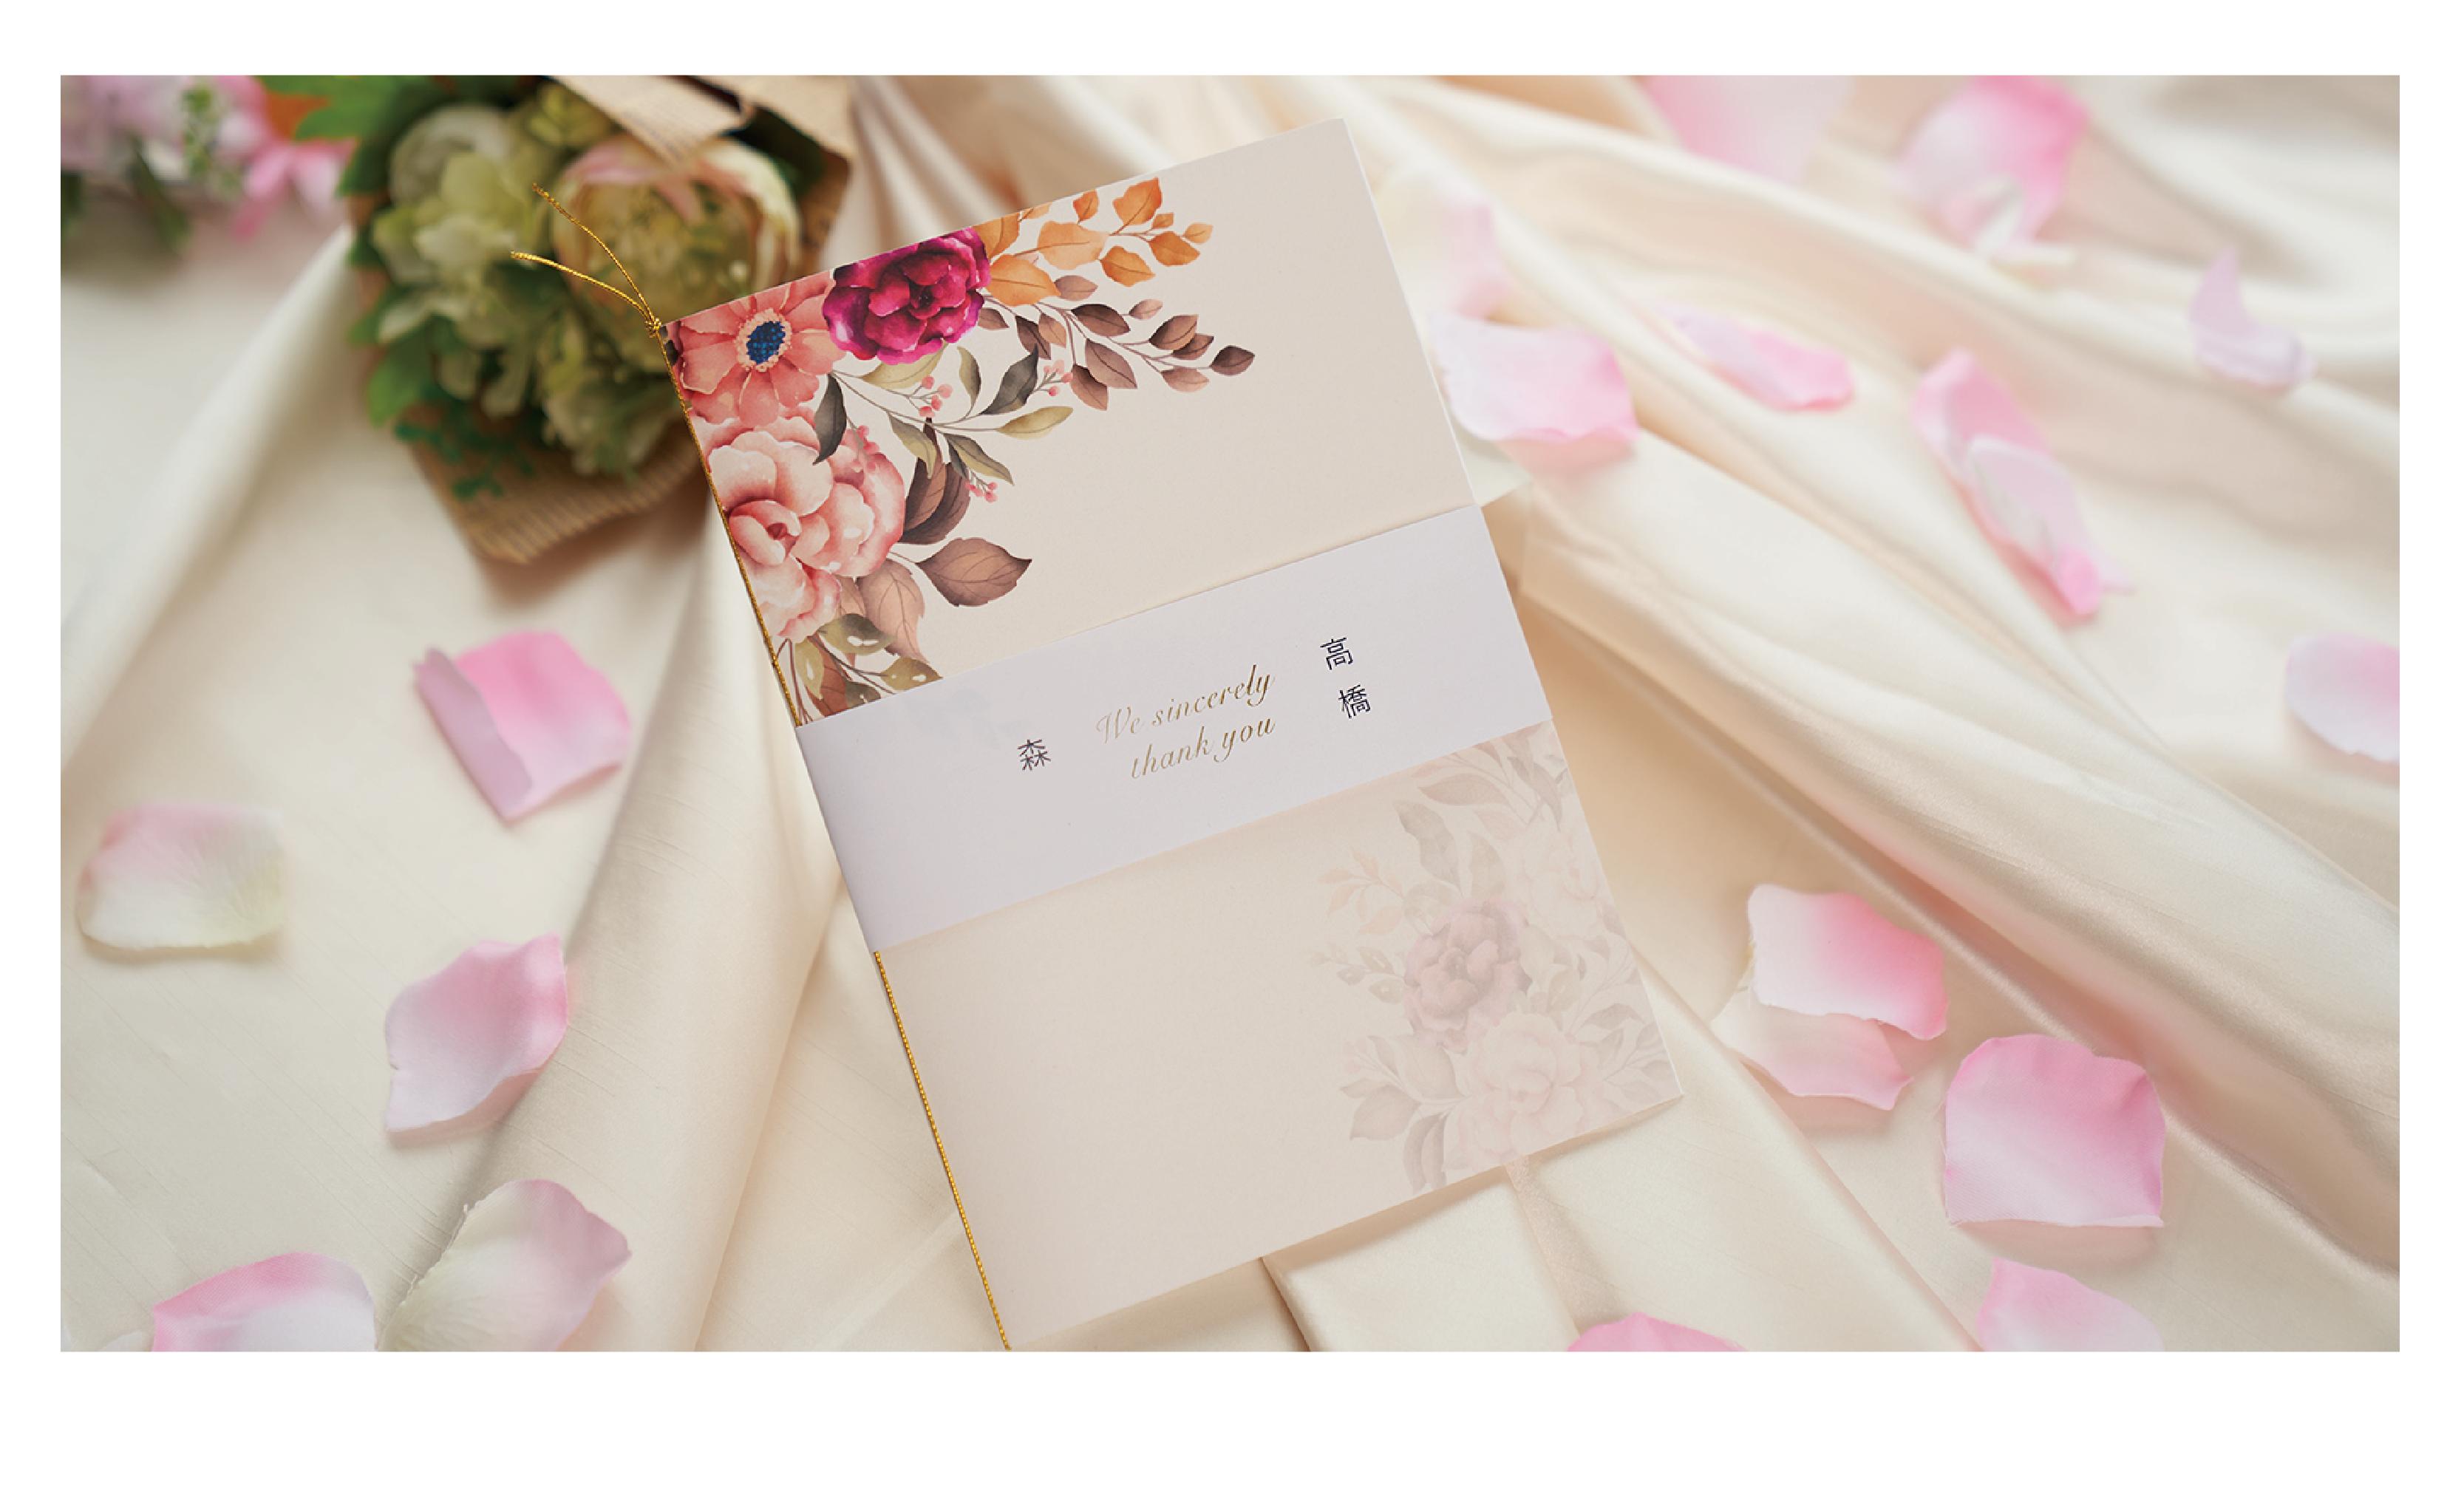 ANCIE WEDDING 結婚内祝い